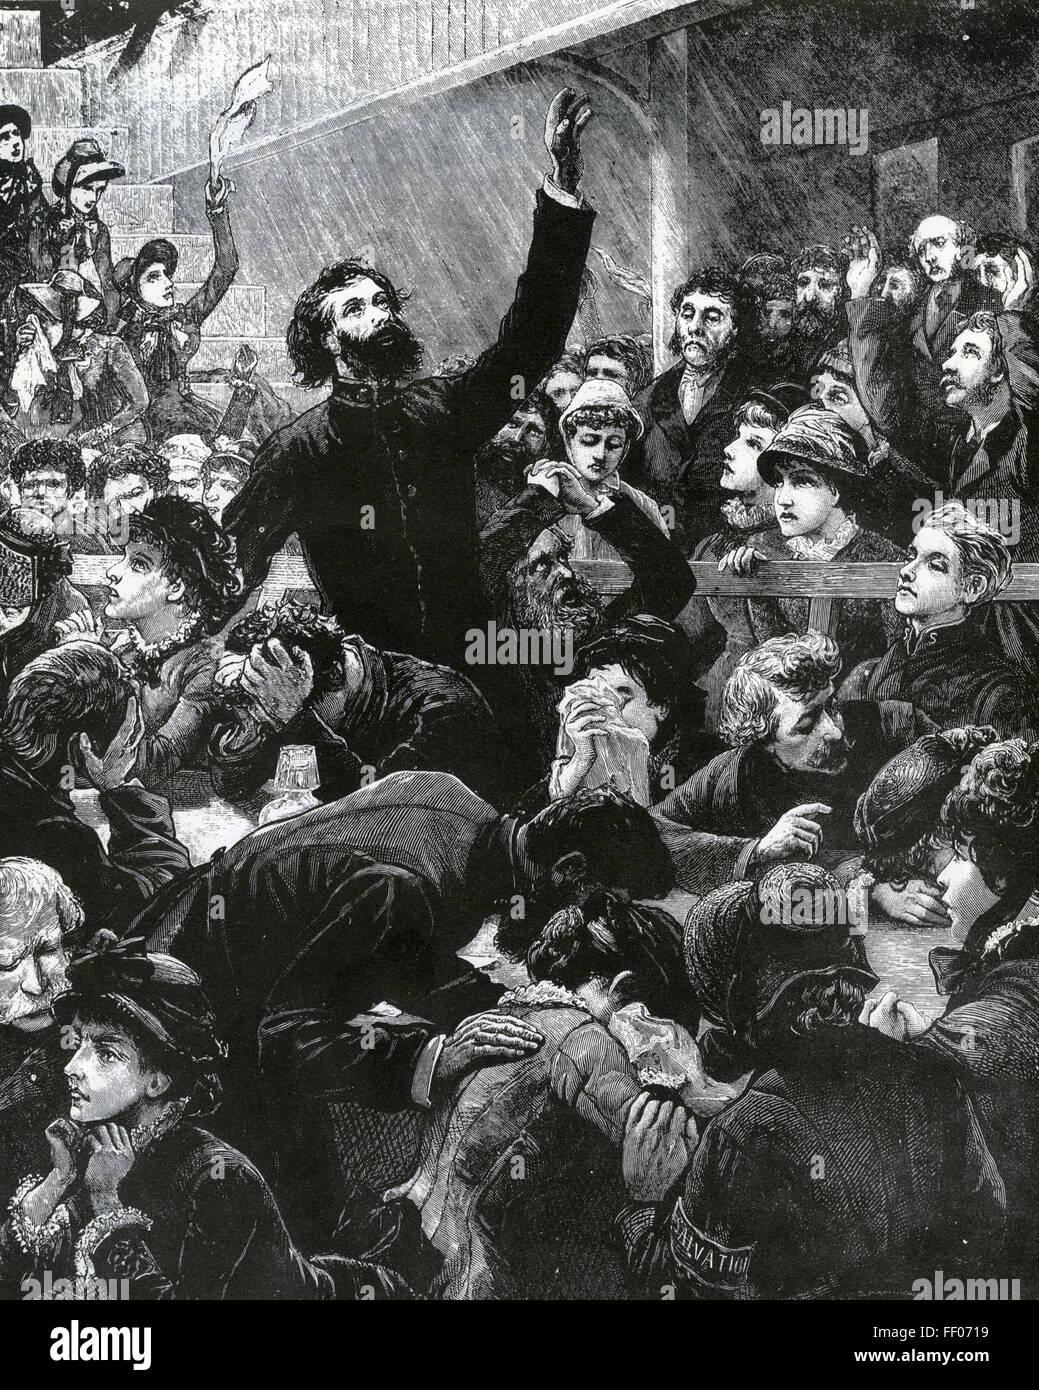 Un service de l'ARMÉE DU SALUT au siège de Londres à Whitechapel Road vers 1870 Photo Stock